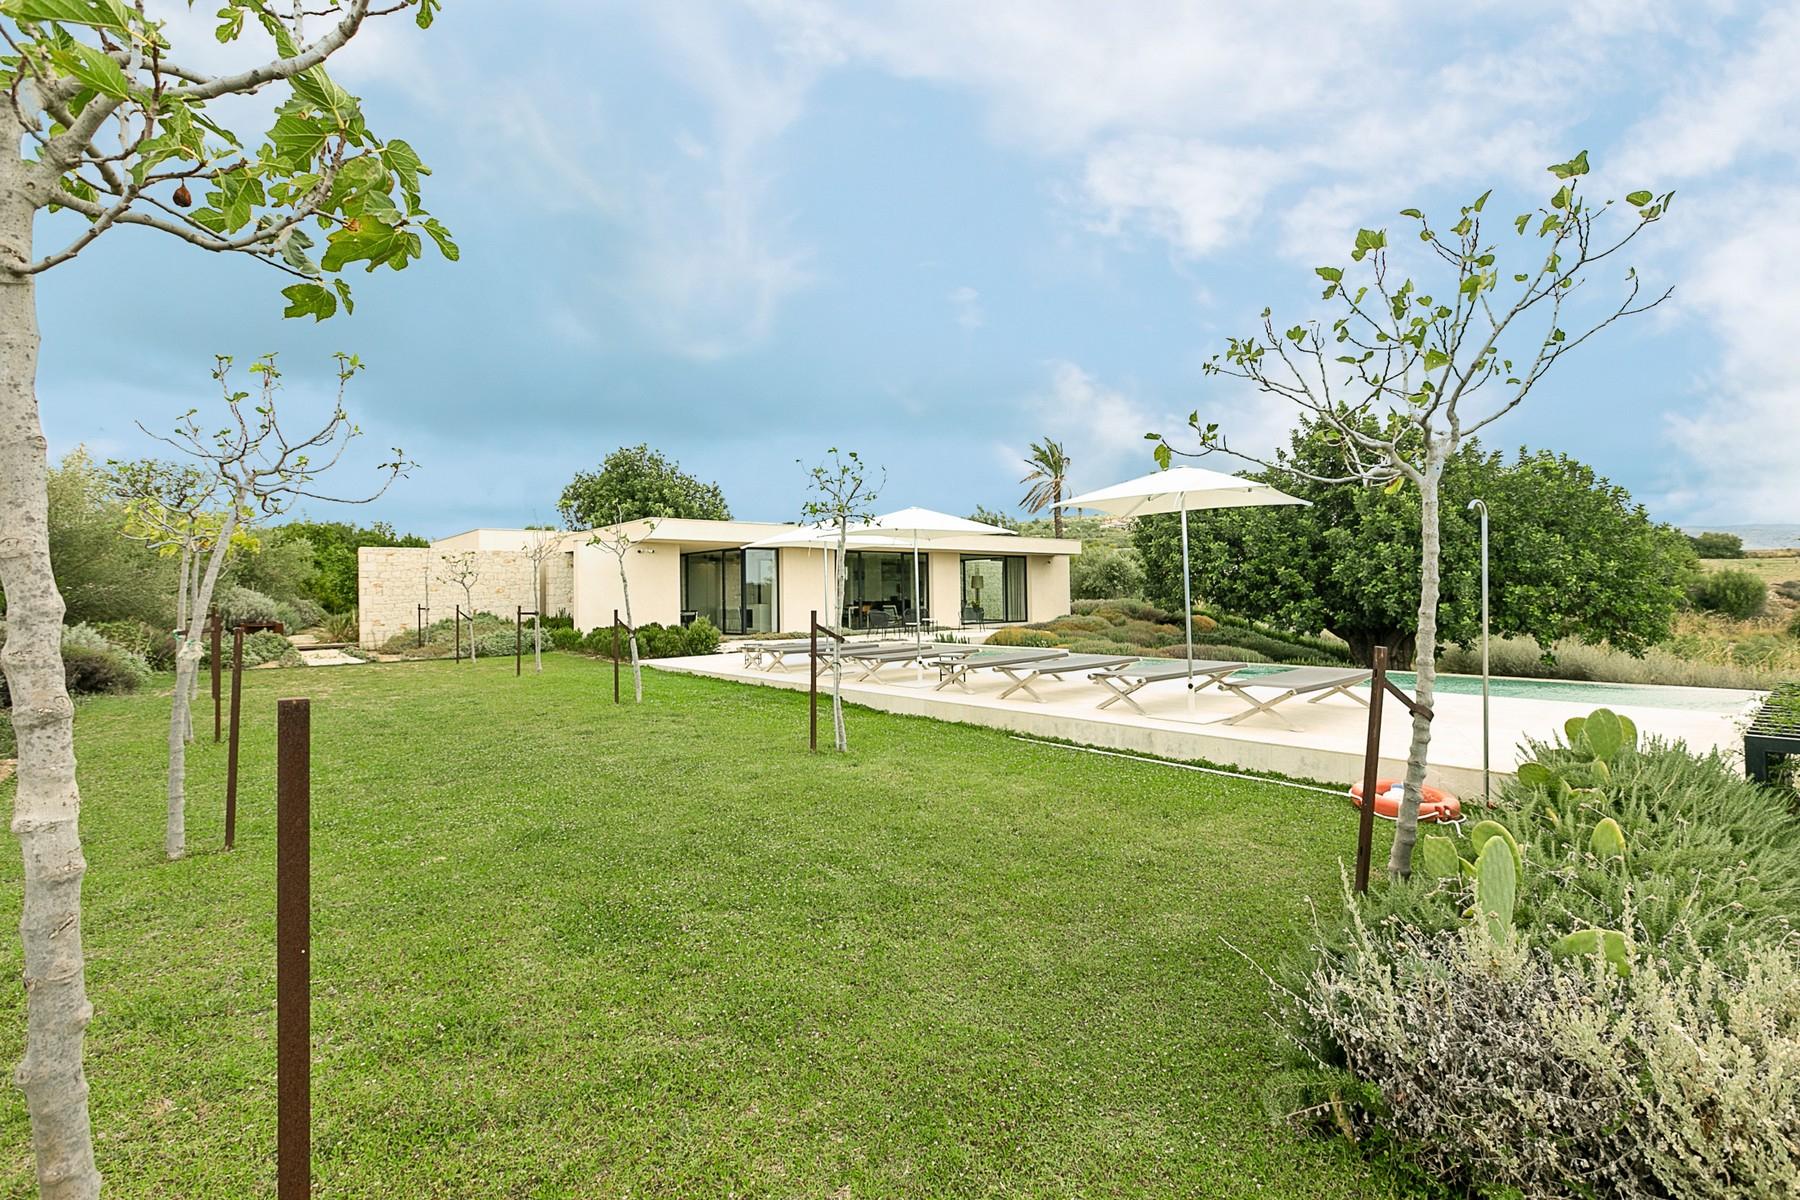 Villa in Vendita a Avola: 5 locali, 330 mq - Foto 23